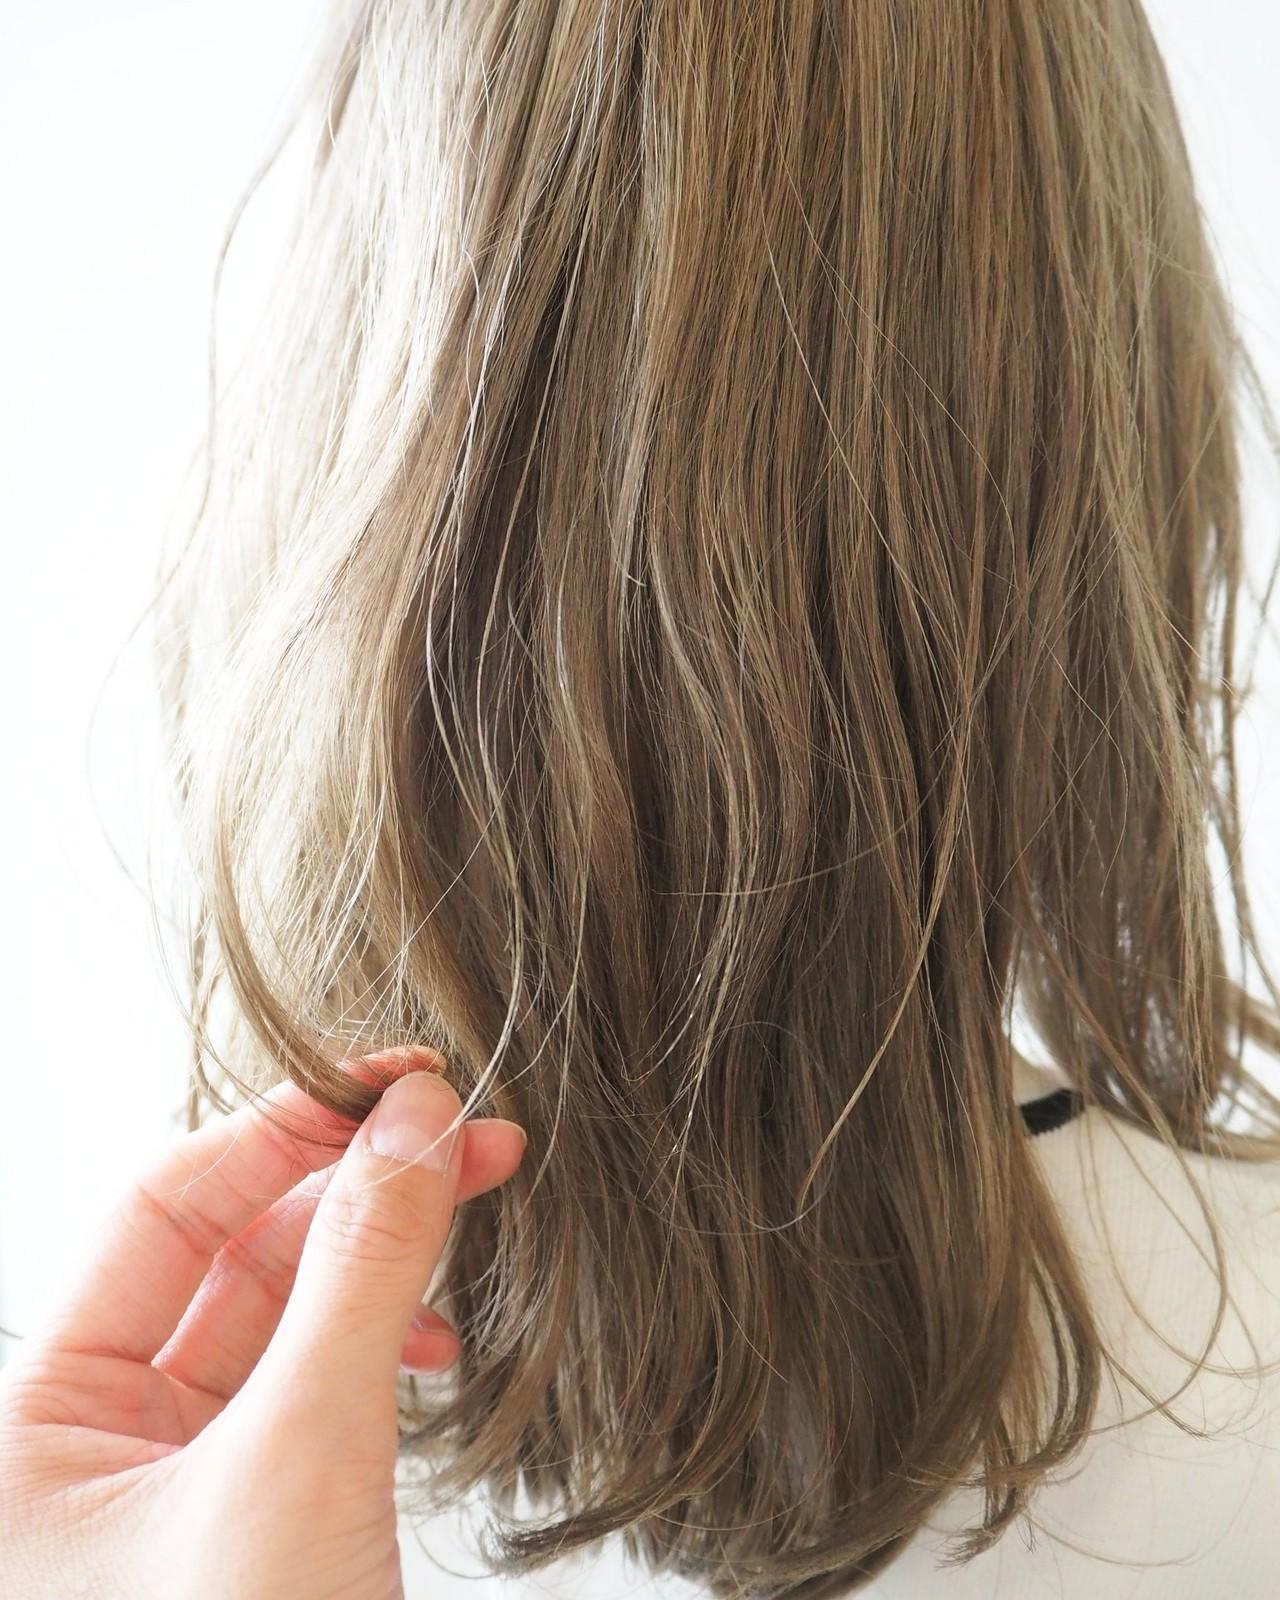 セミロング ナチュラル 透明感カラー ハイトーン ヘアスタイルや髪型の写真・画像